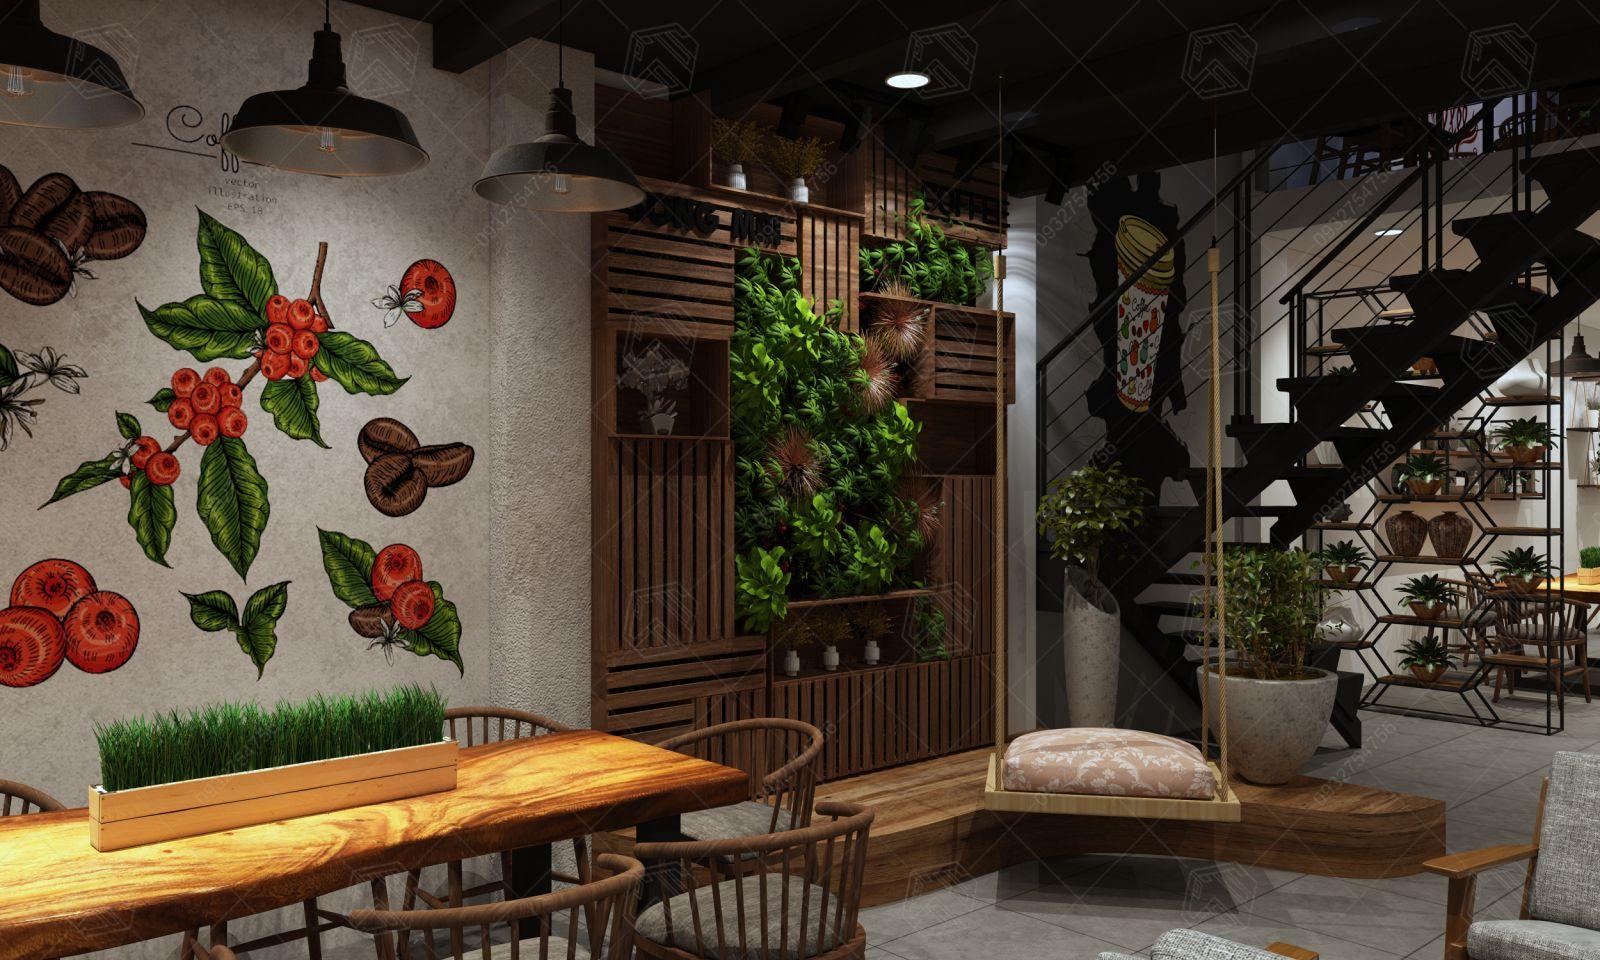 thiết kế quán cà phê Song Mai Long Xuyên